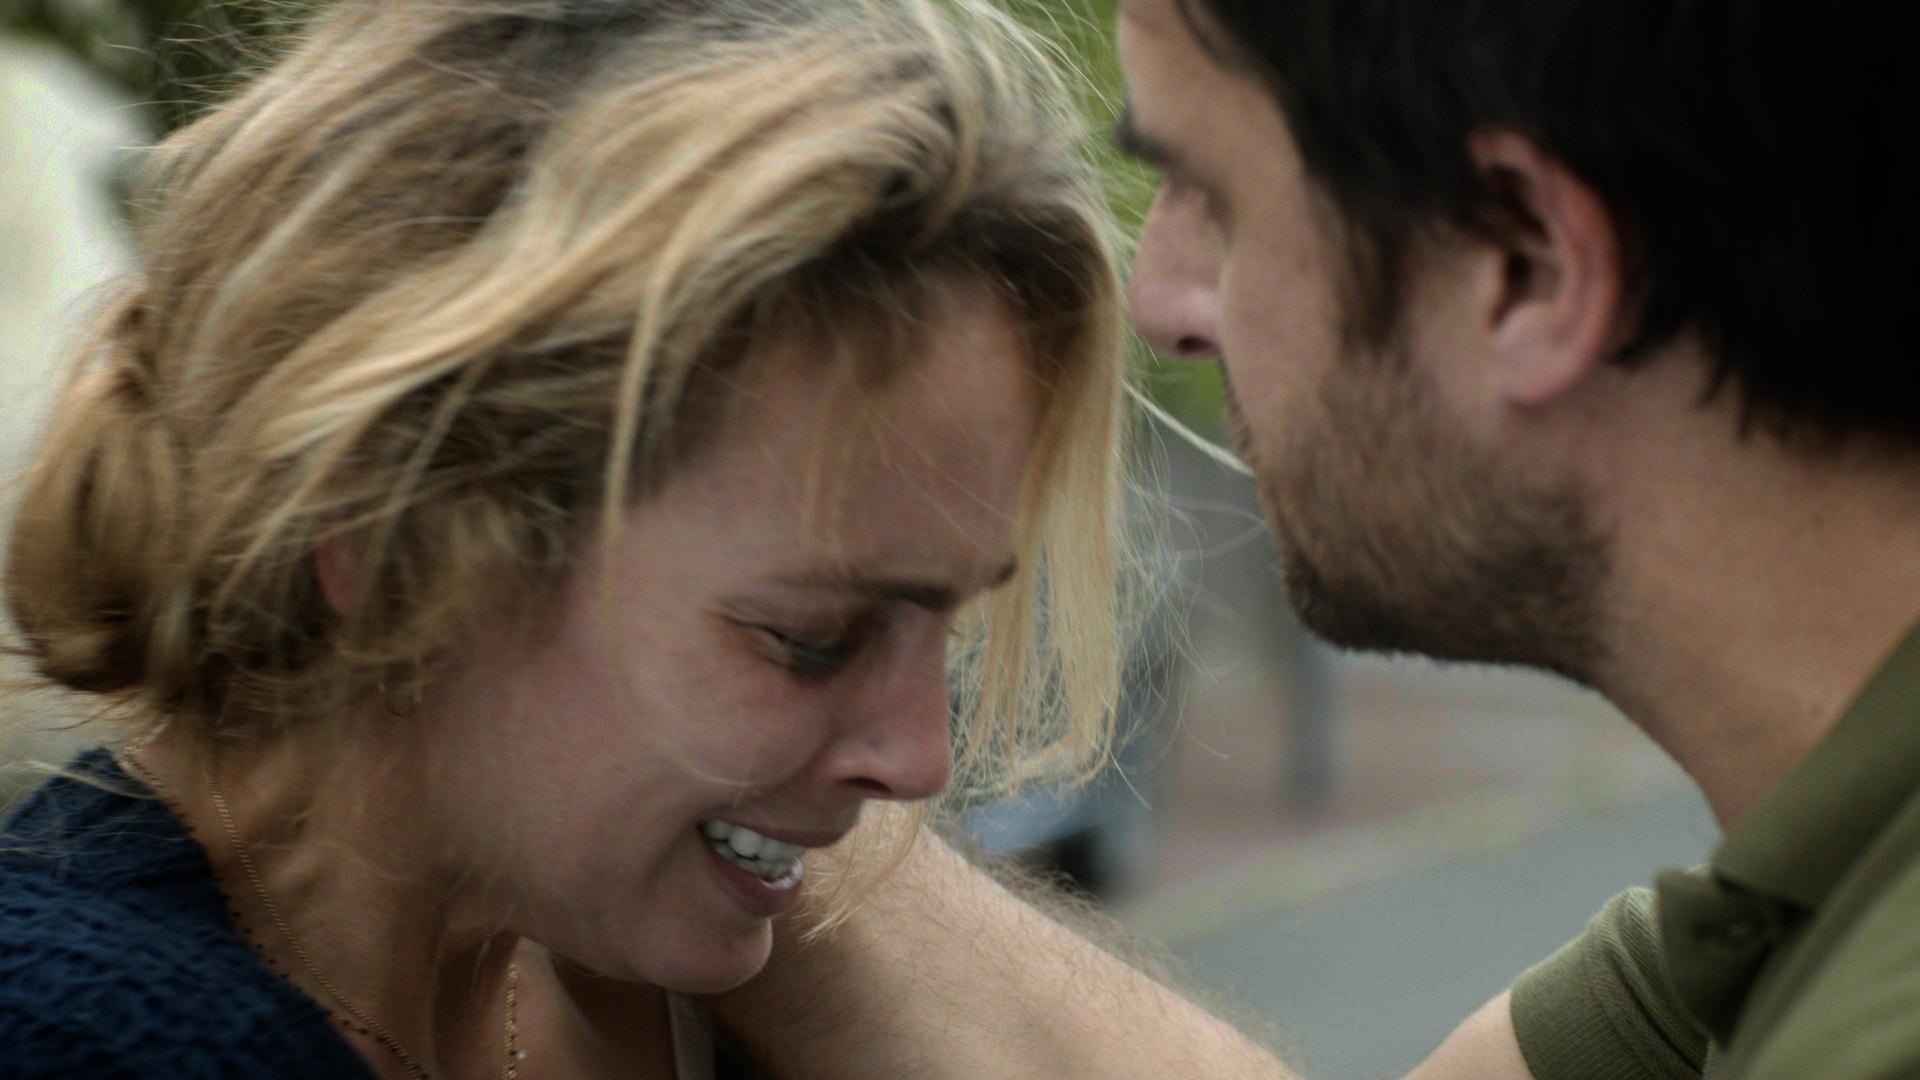 La soif 1 ©Stéphane Cami Flach Film Production France télévisions